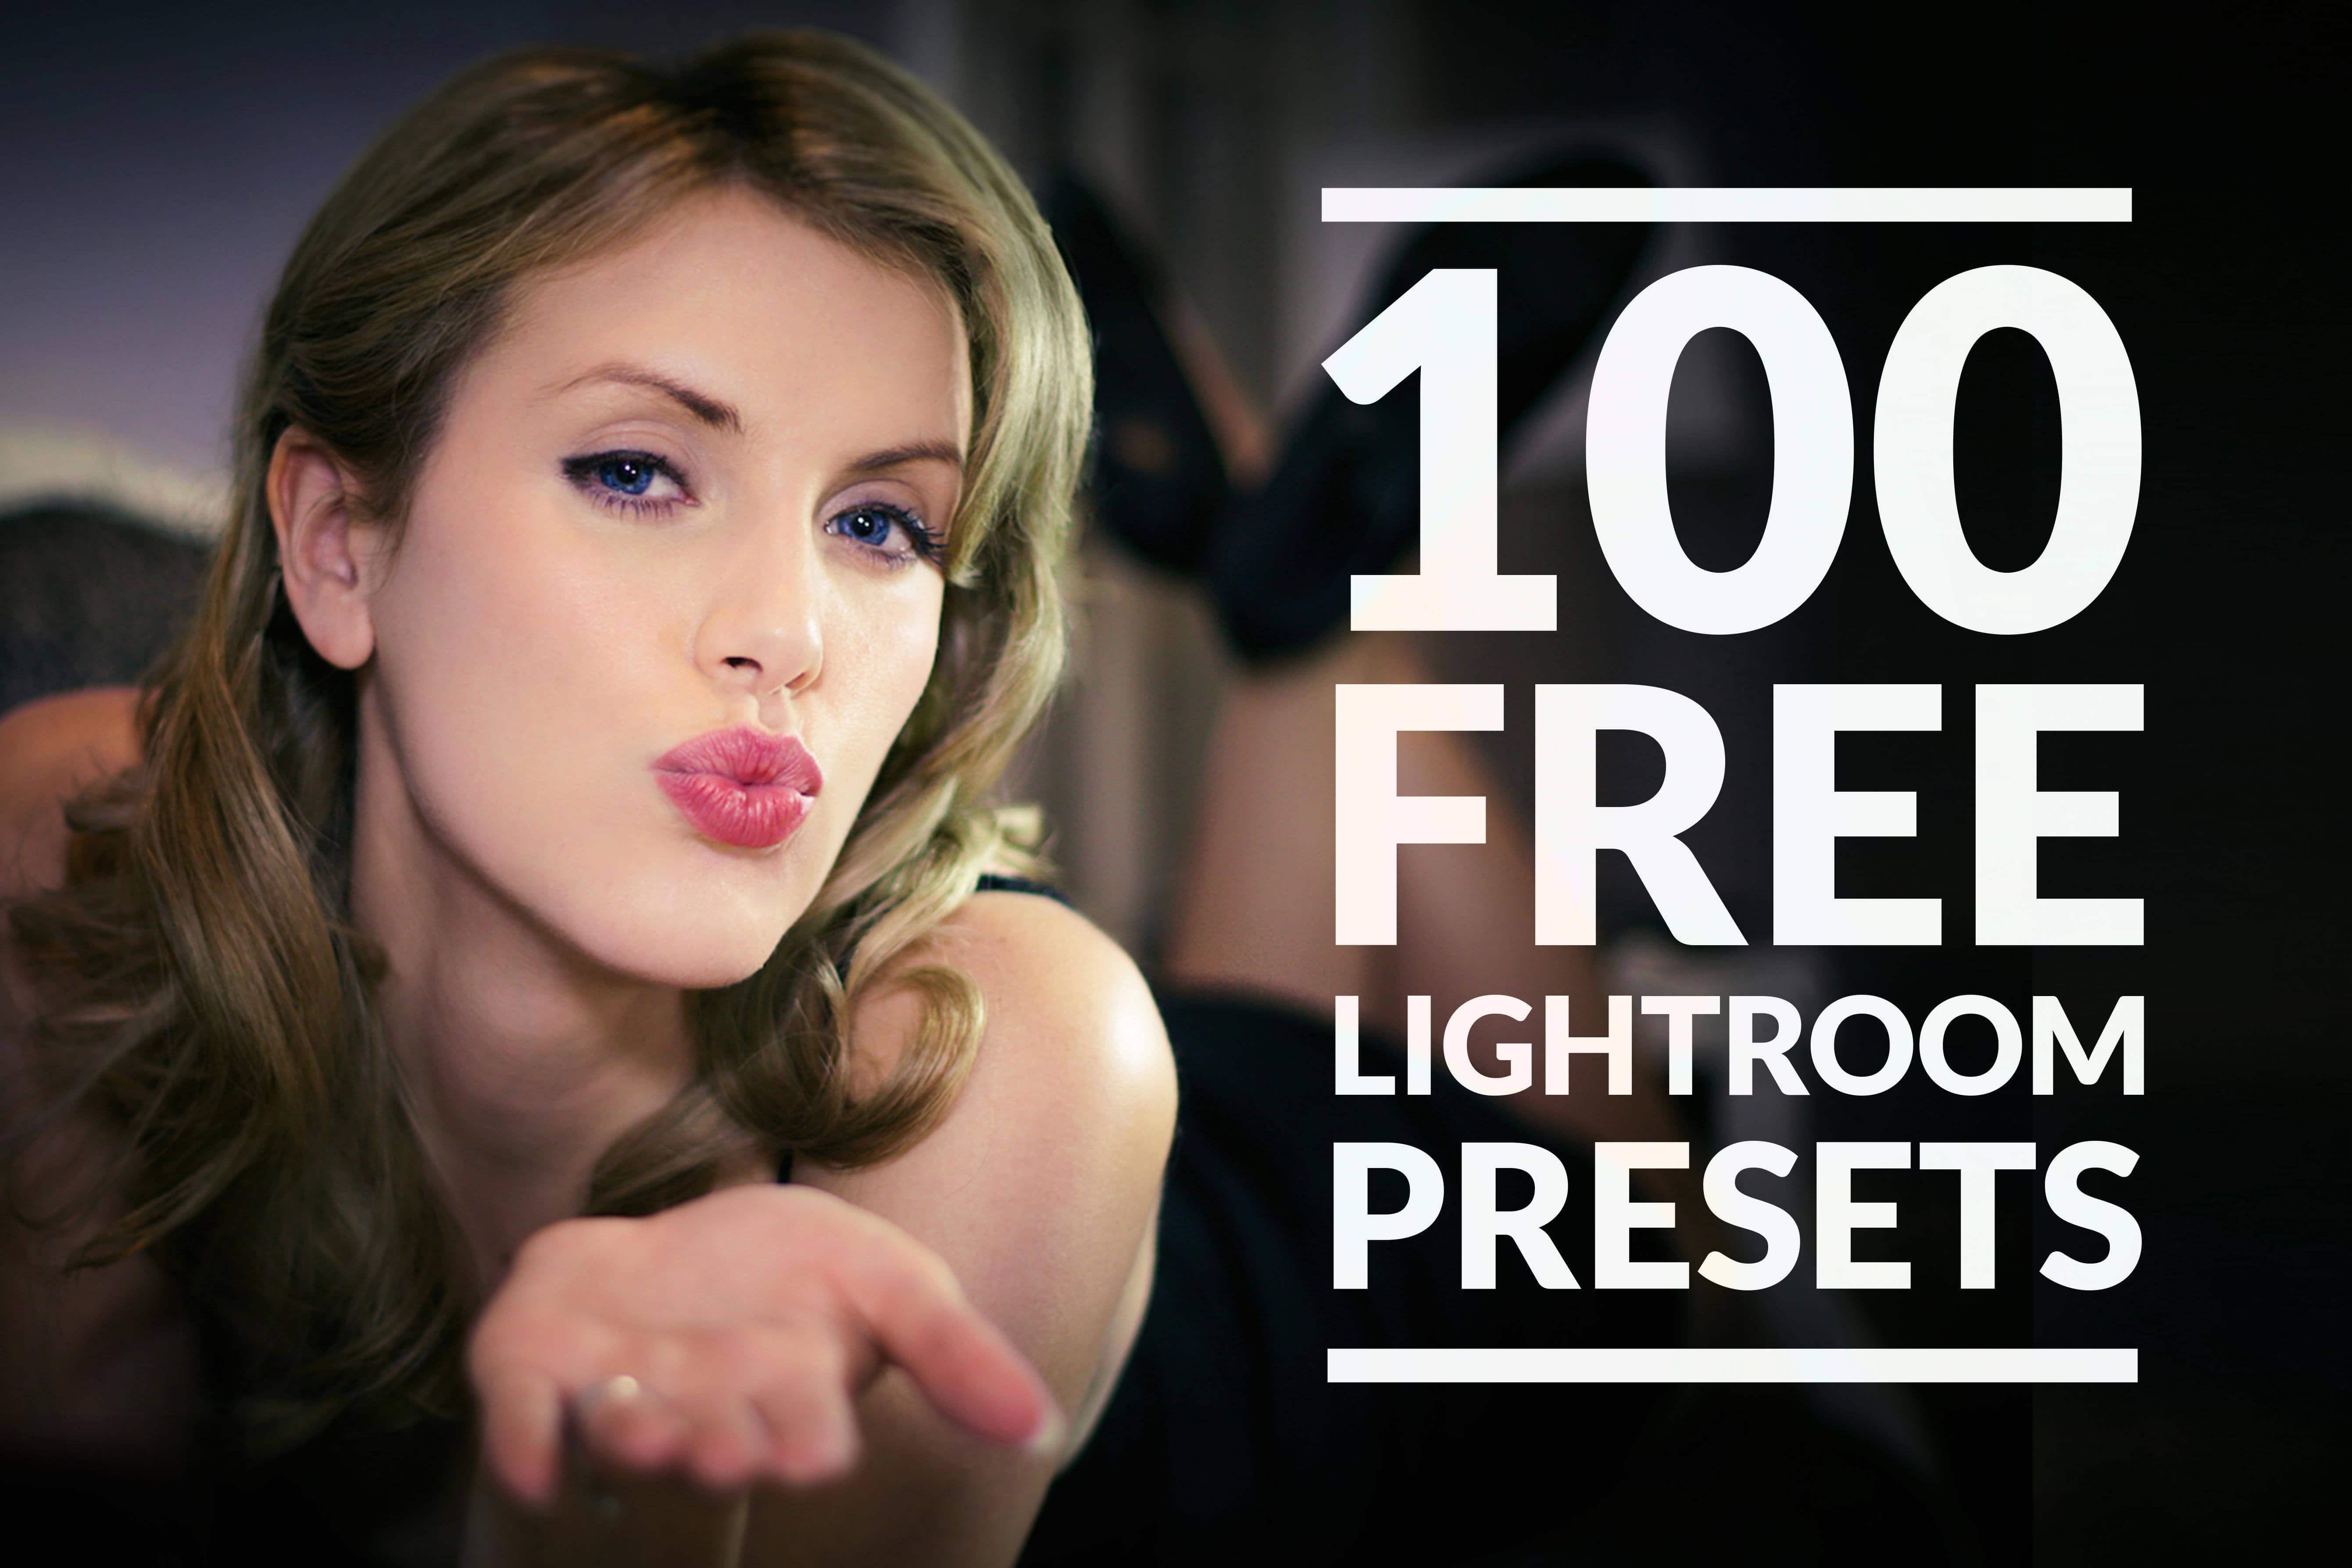 download lightroom apk gratis